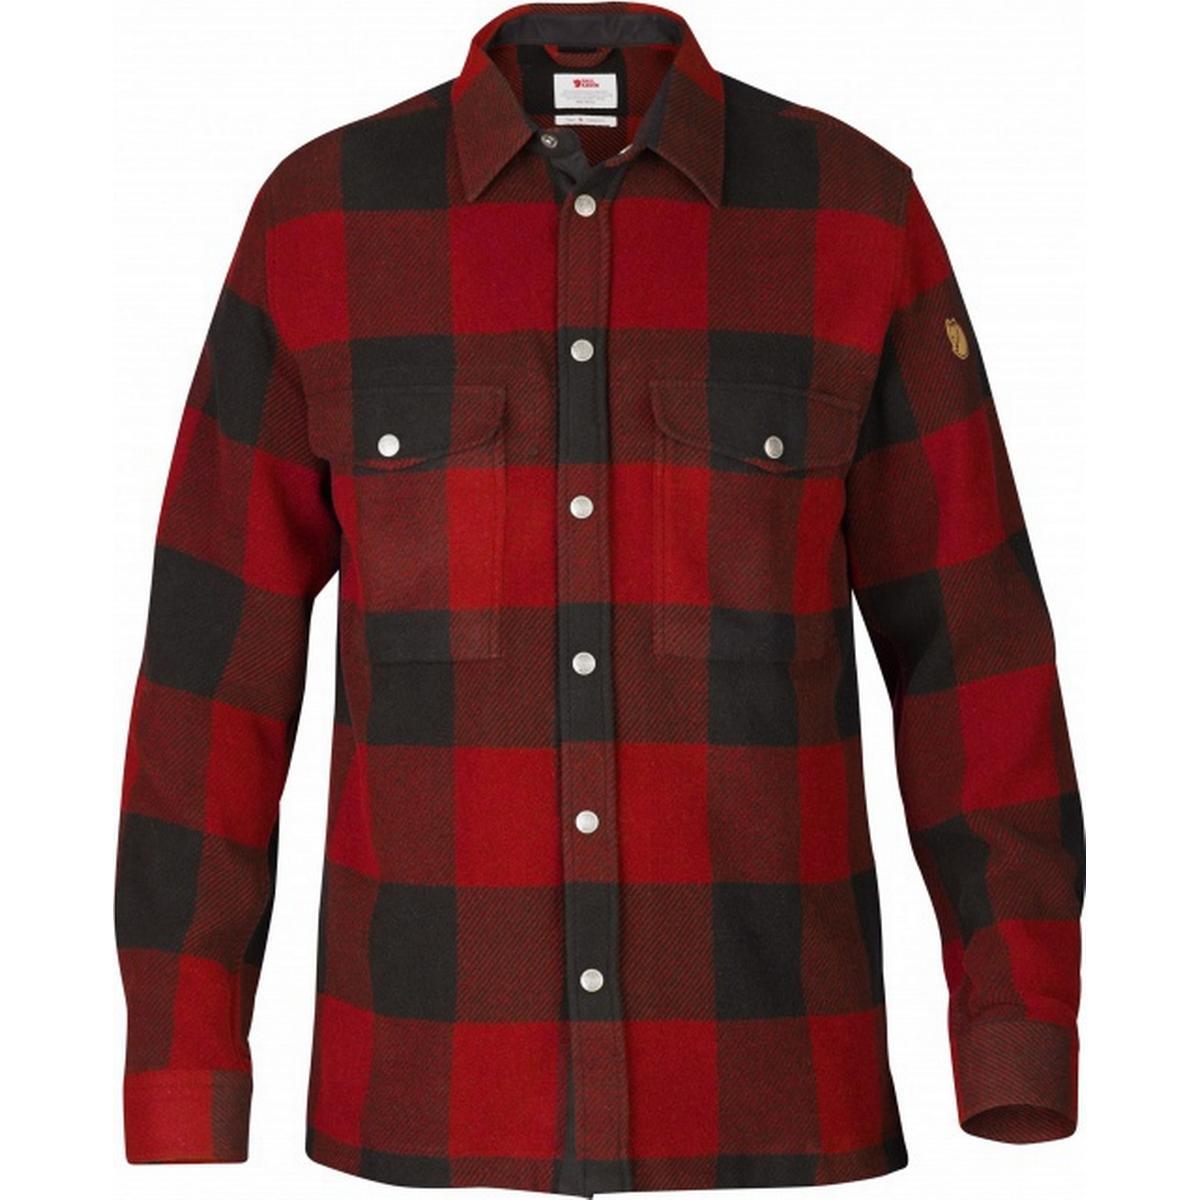 Jack Wolfskin Bow Valley Shirt Skjorte herre Tern Rød (DKK 299,50)